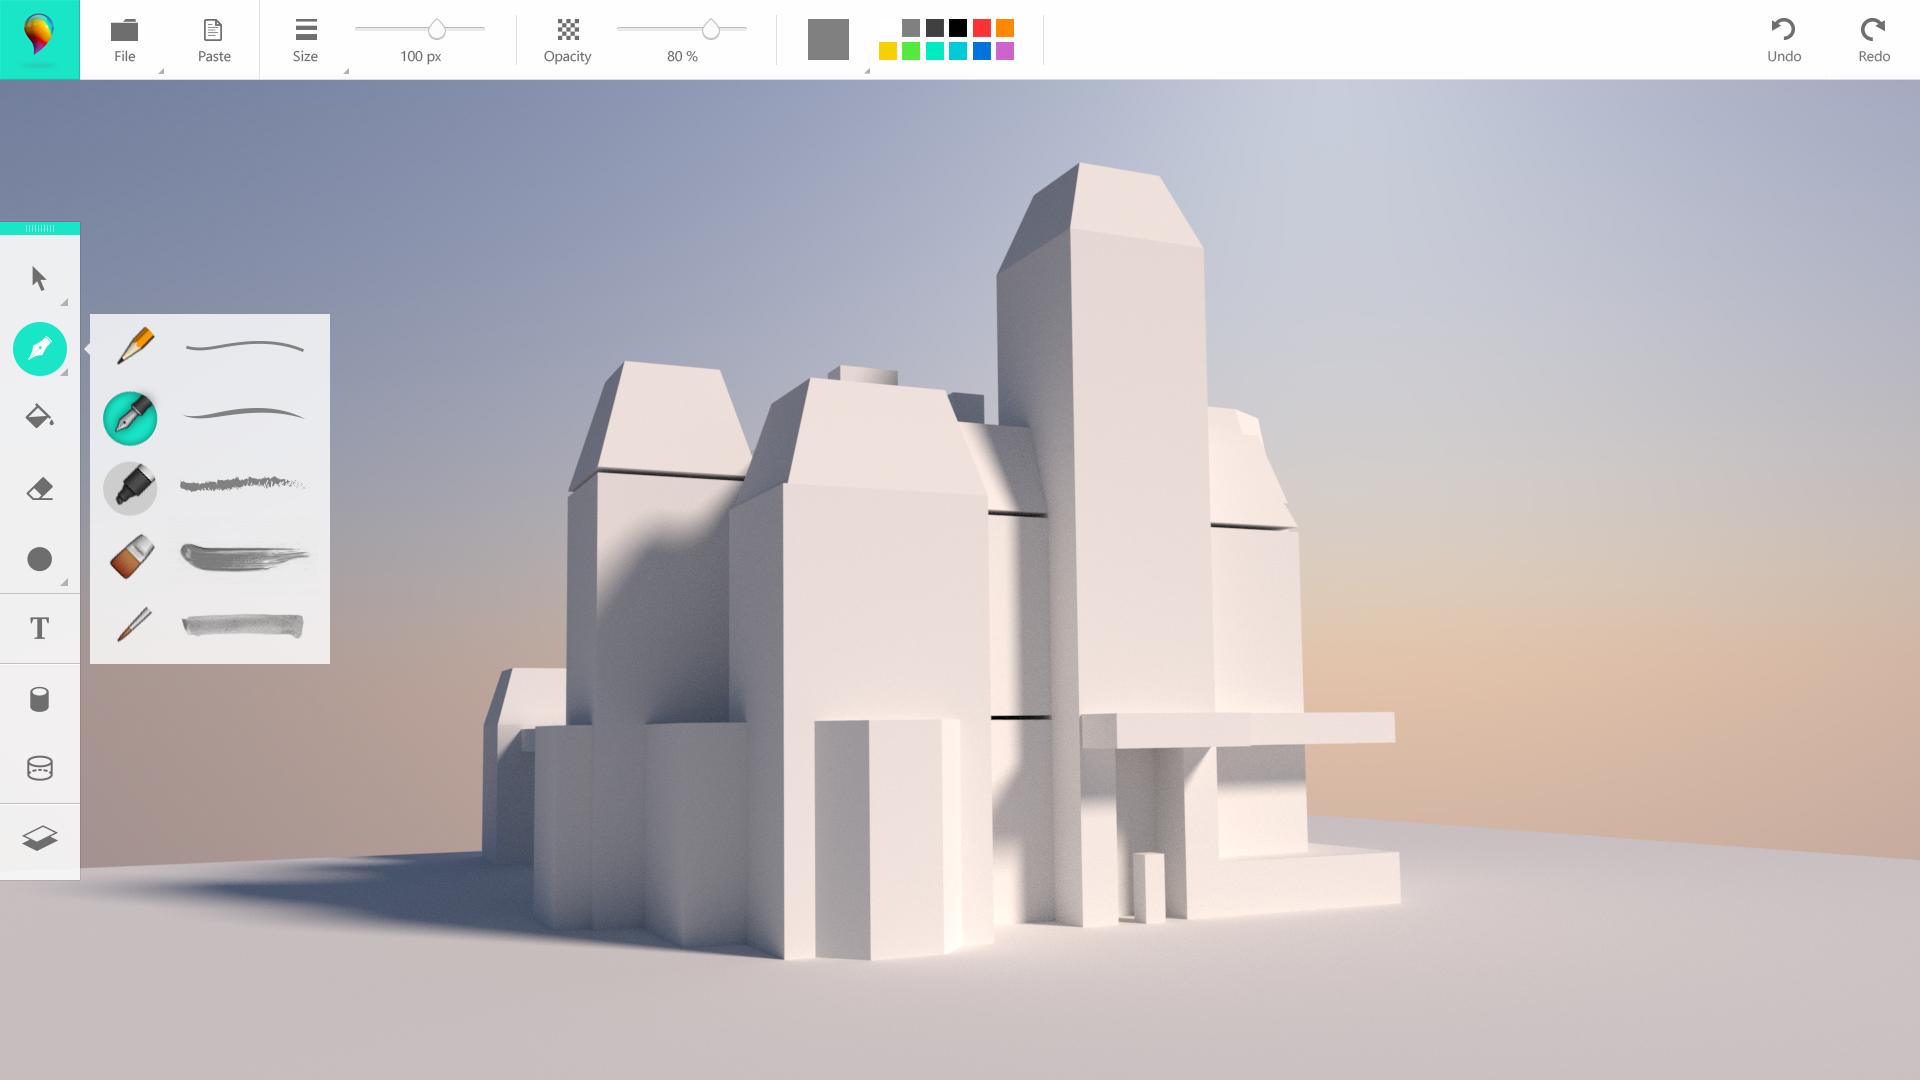 PaintStudio_Prototype_UI_v16.png